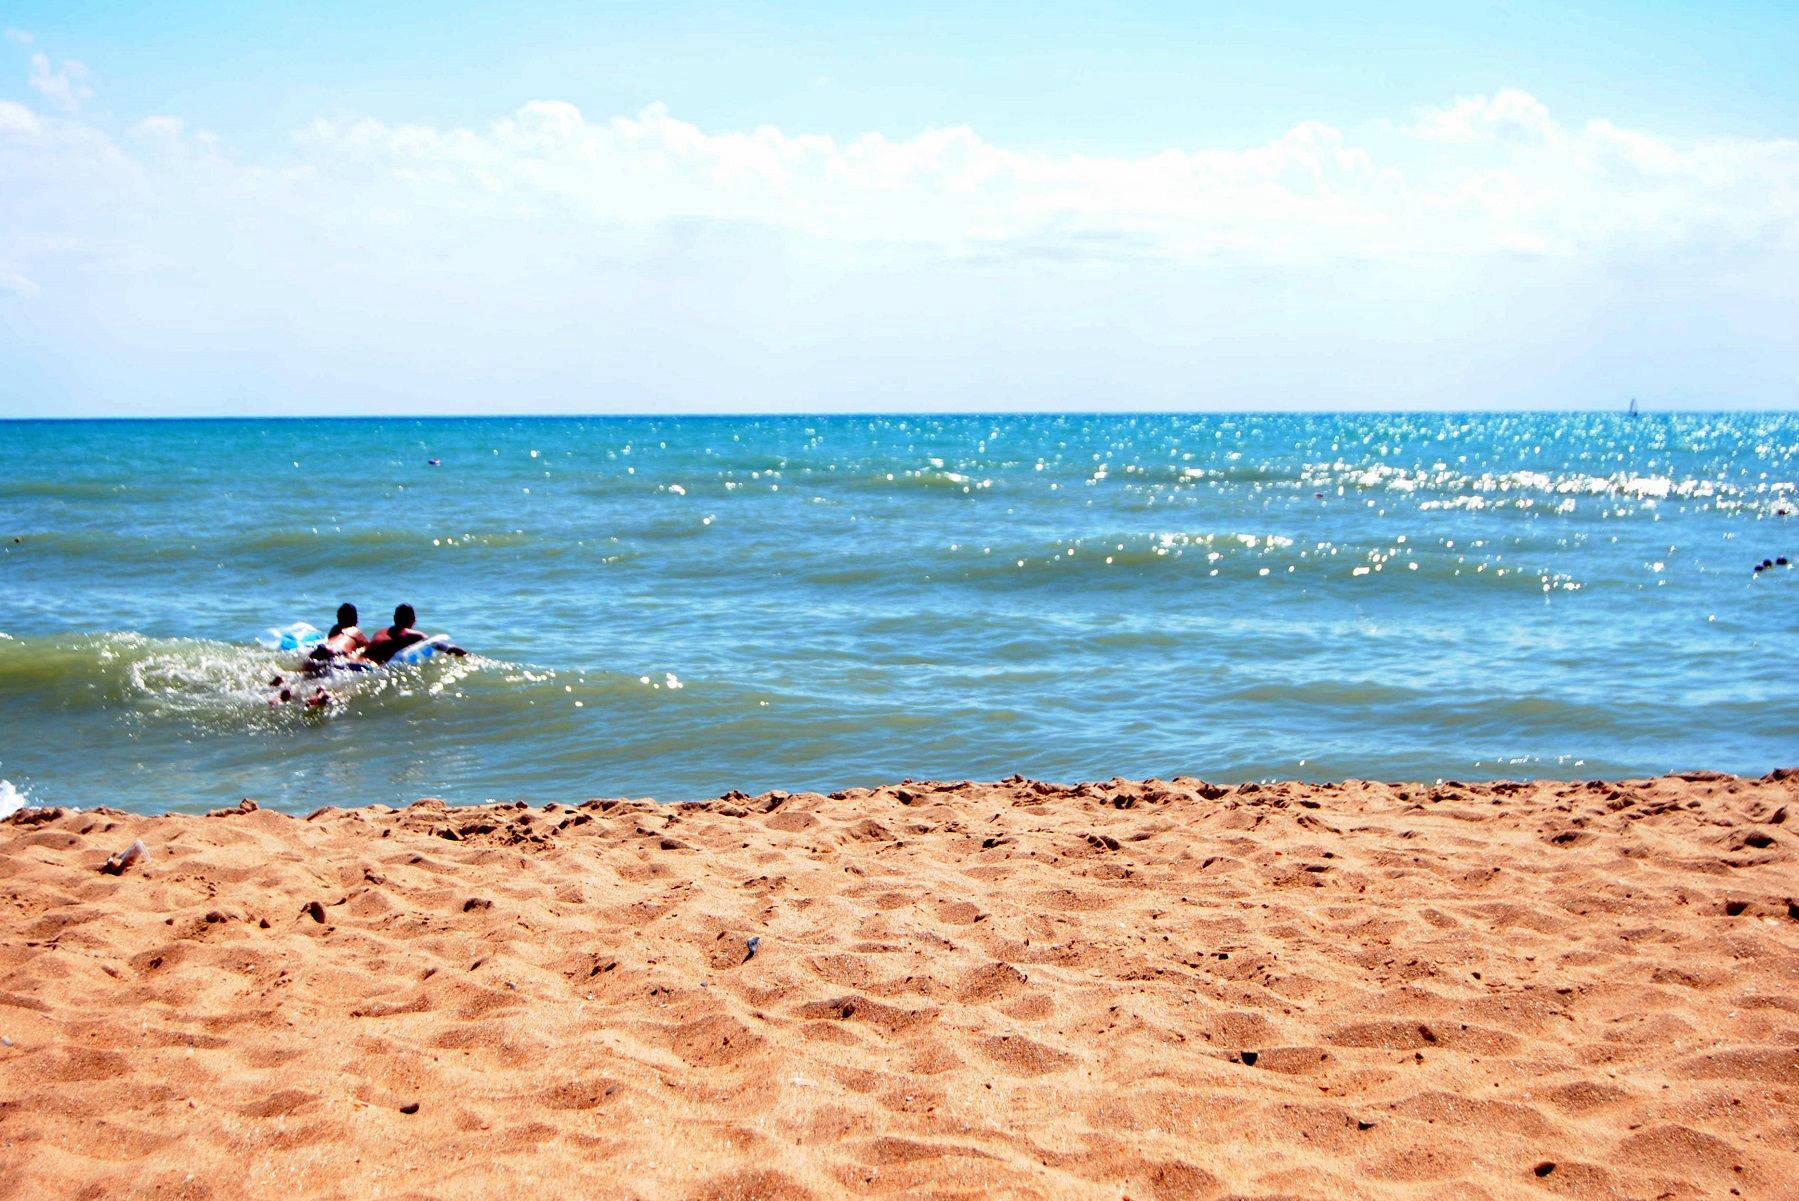 анапа станица благовещенская фото пляжа нашего сайта это